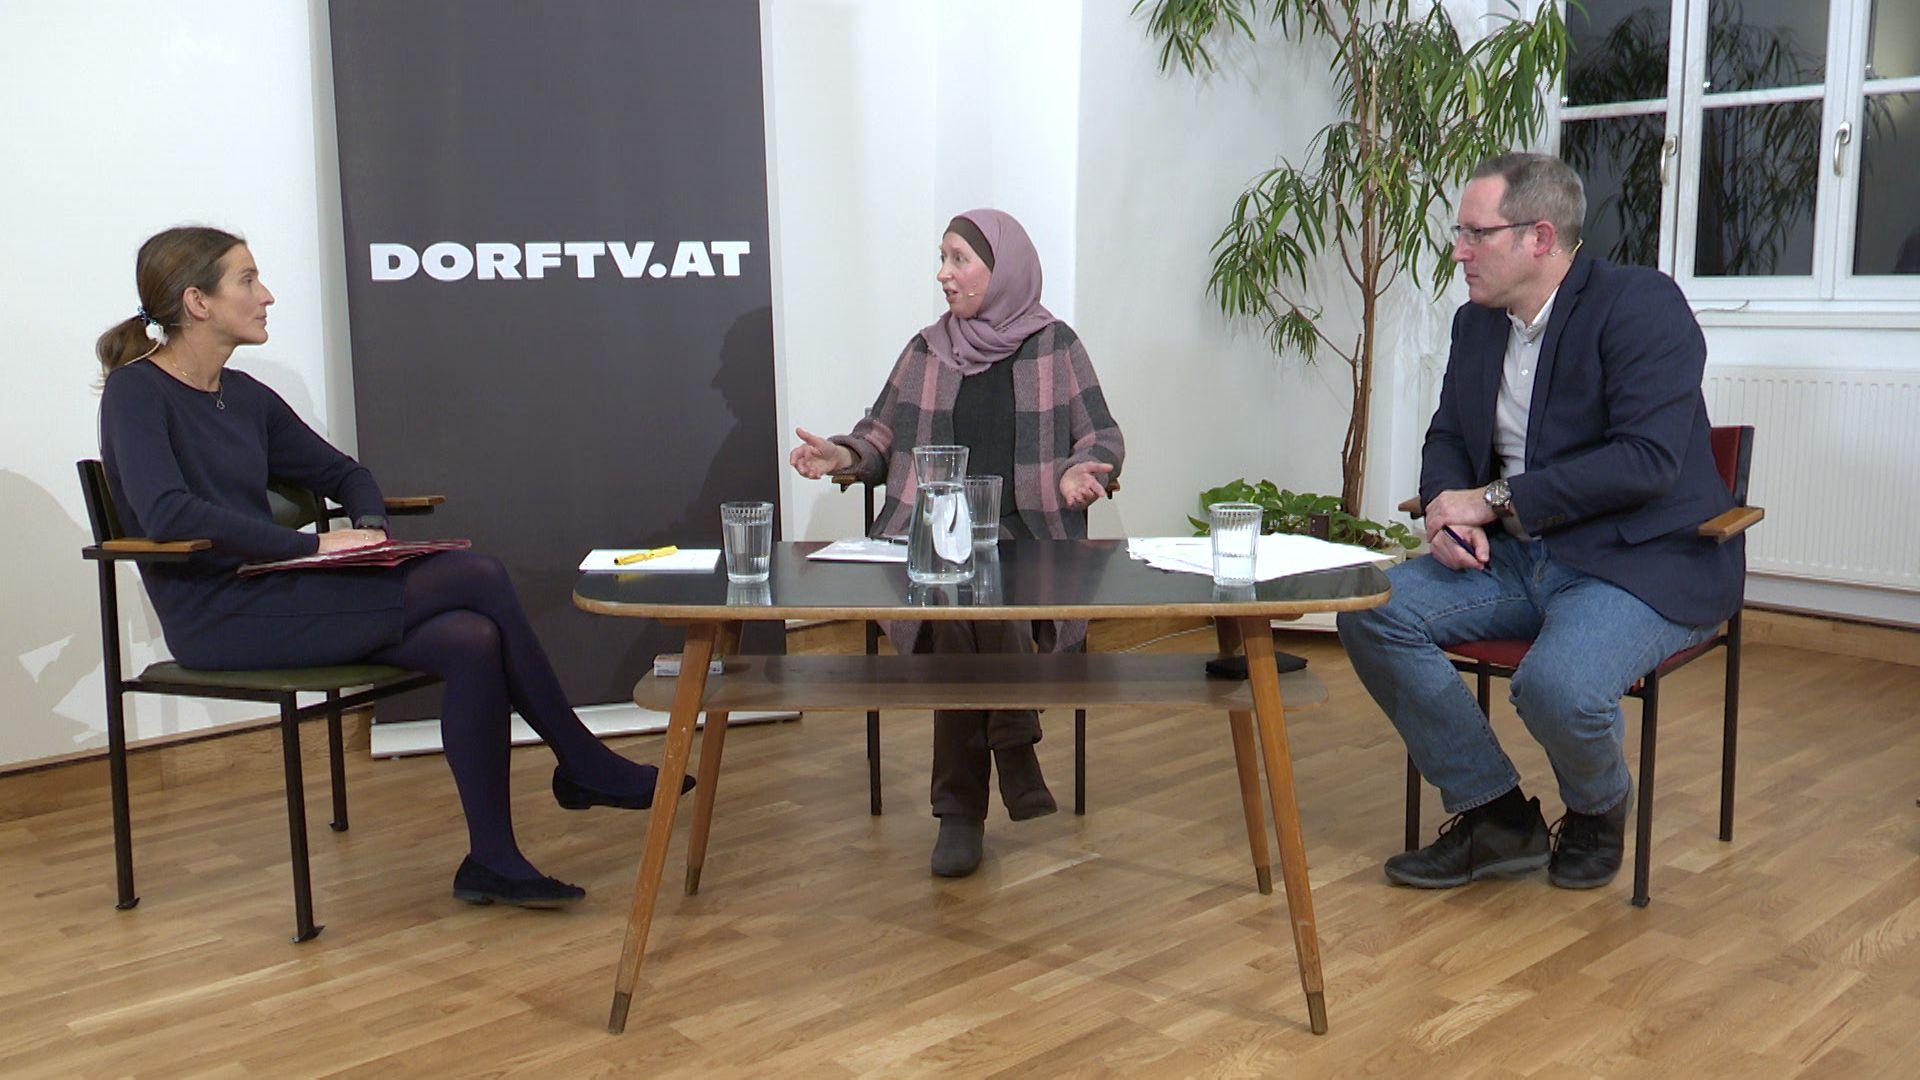 Besorgnis oder Wertschätzung – wie begegnet Politik dem Islam?